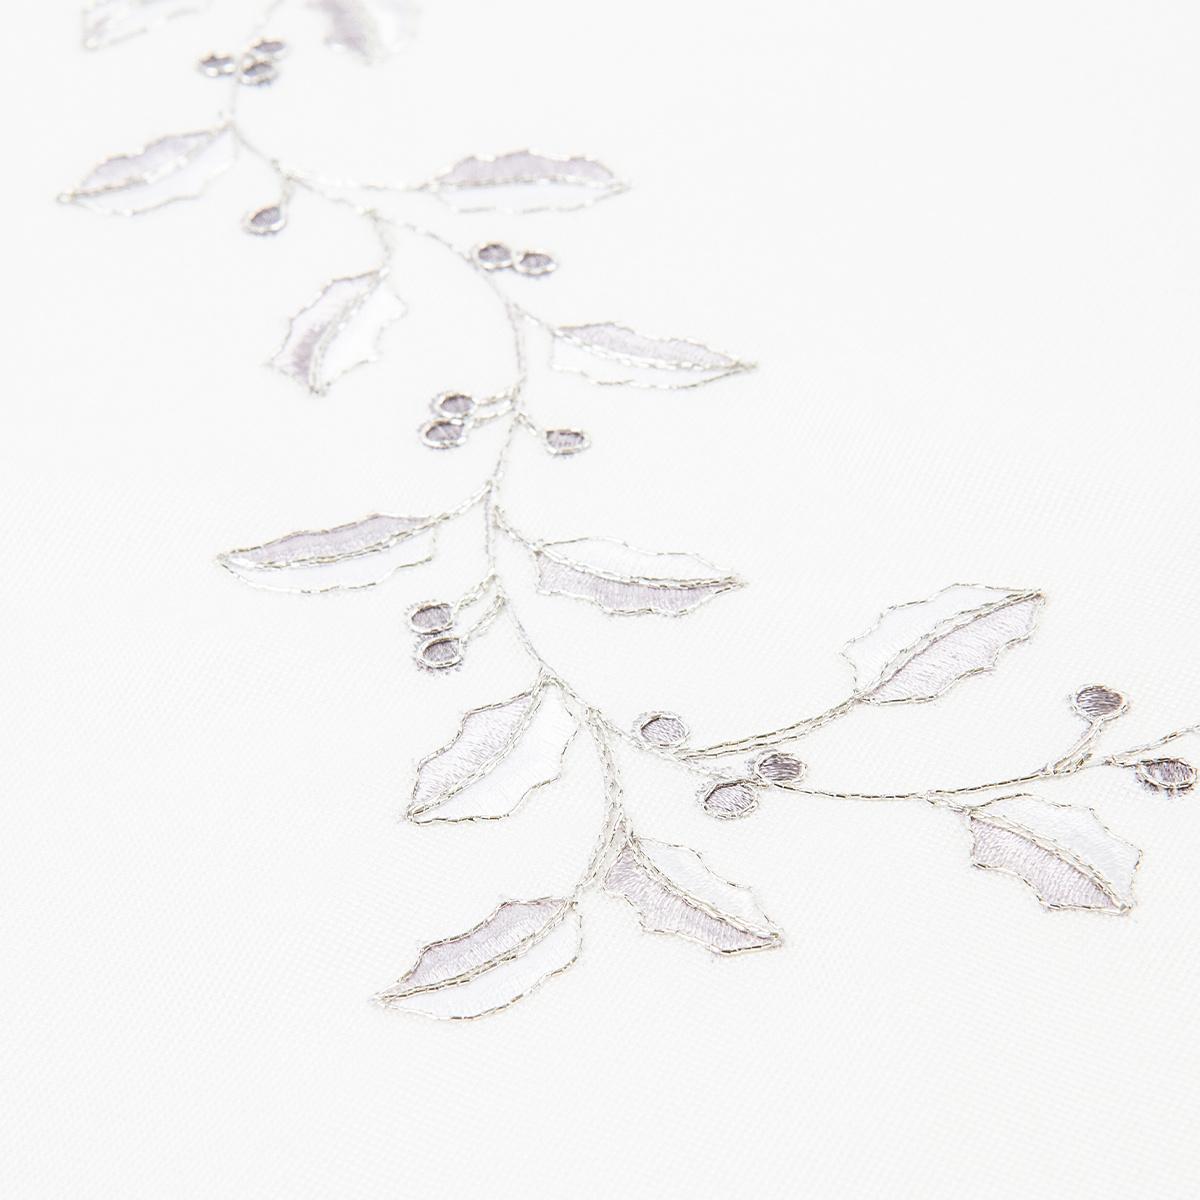 Vánoční ubrus Cesmína bílá, 120 x 140 cm